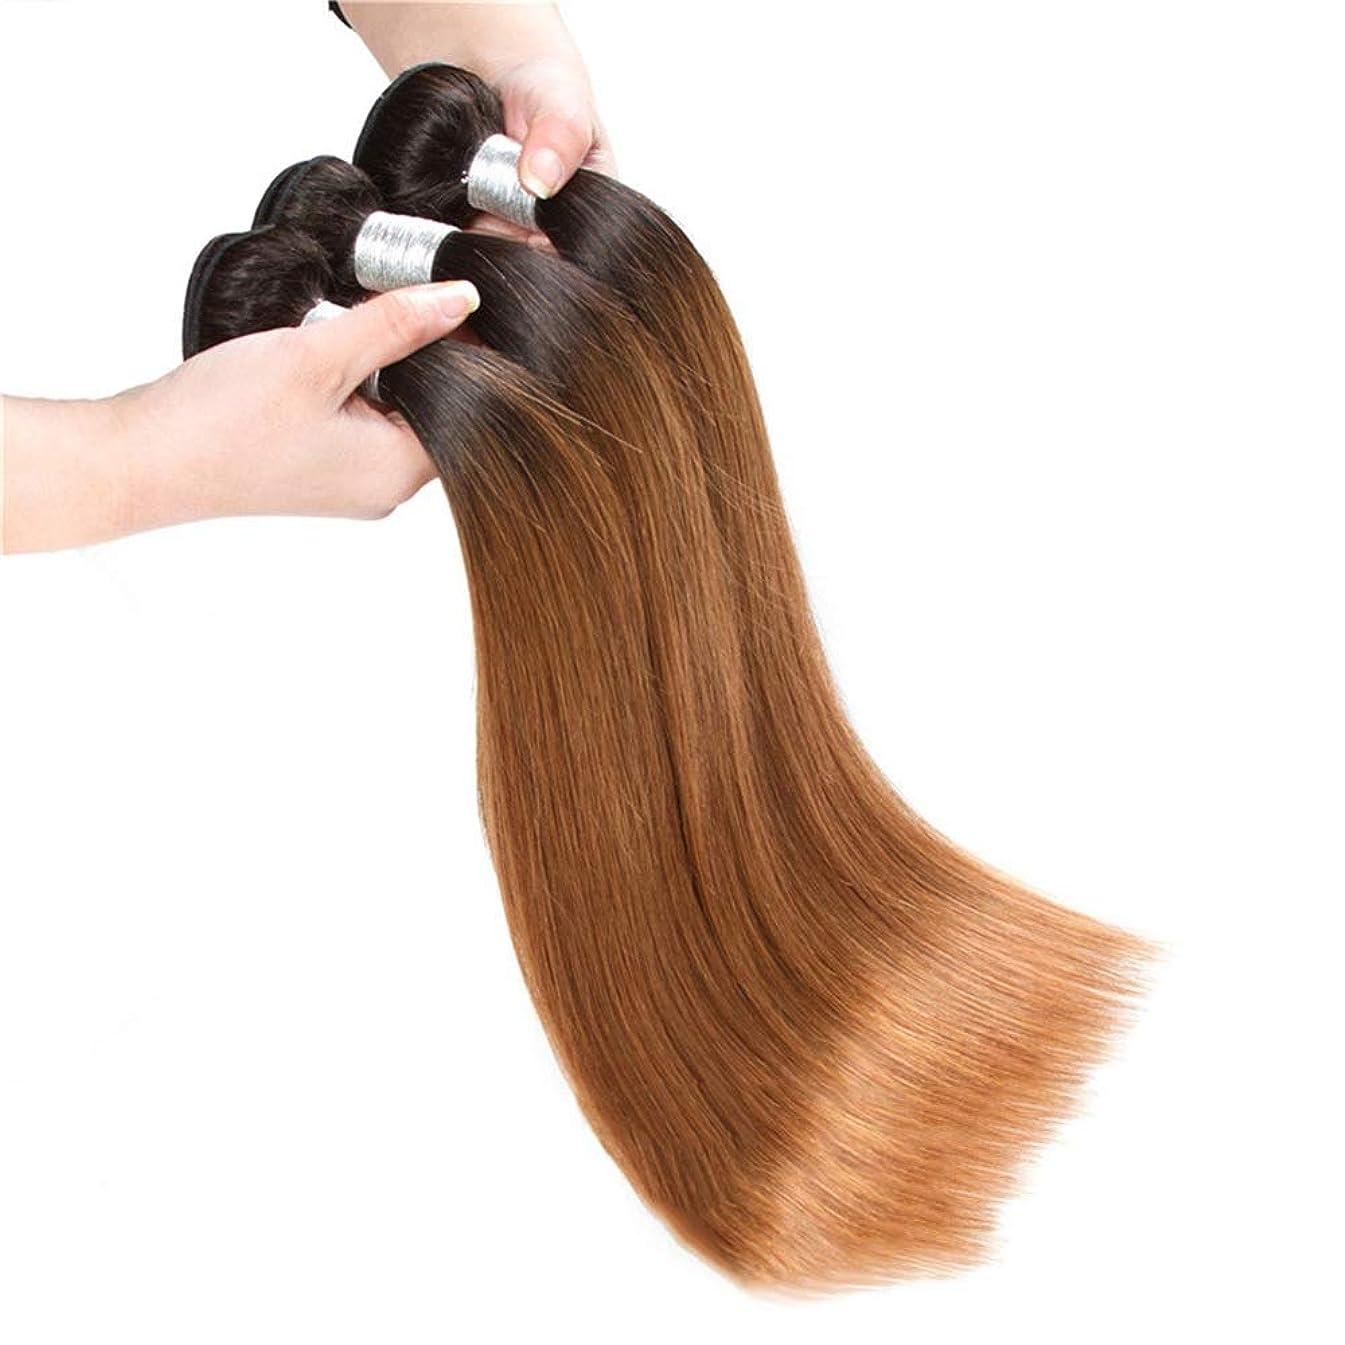 壁聞くドループかつら ブラジルのオンブル髪織りバンドルストレート人間の髪の毛の拡張子 - 1バンドル - 1B / 30ブラックトゥブラウン2トーンカラー(100g / PC)ロングストレートウィッグウィッグ (色 : ブラウン, サイズ : 16 inch)